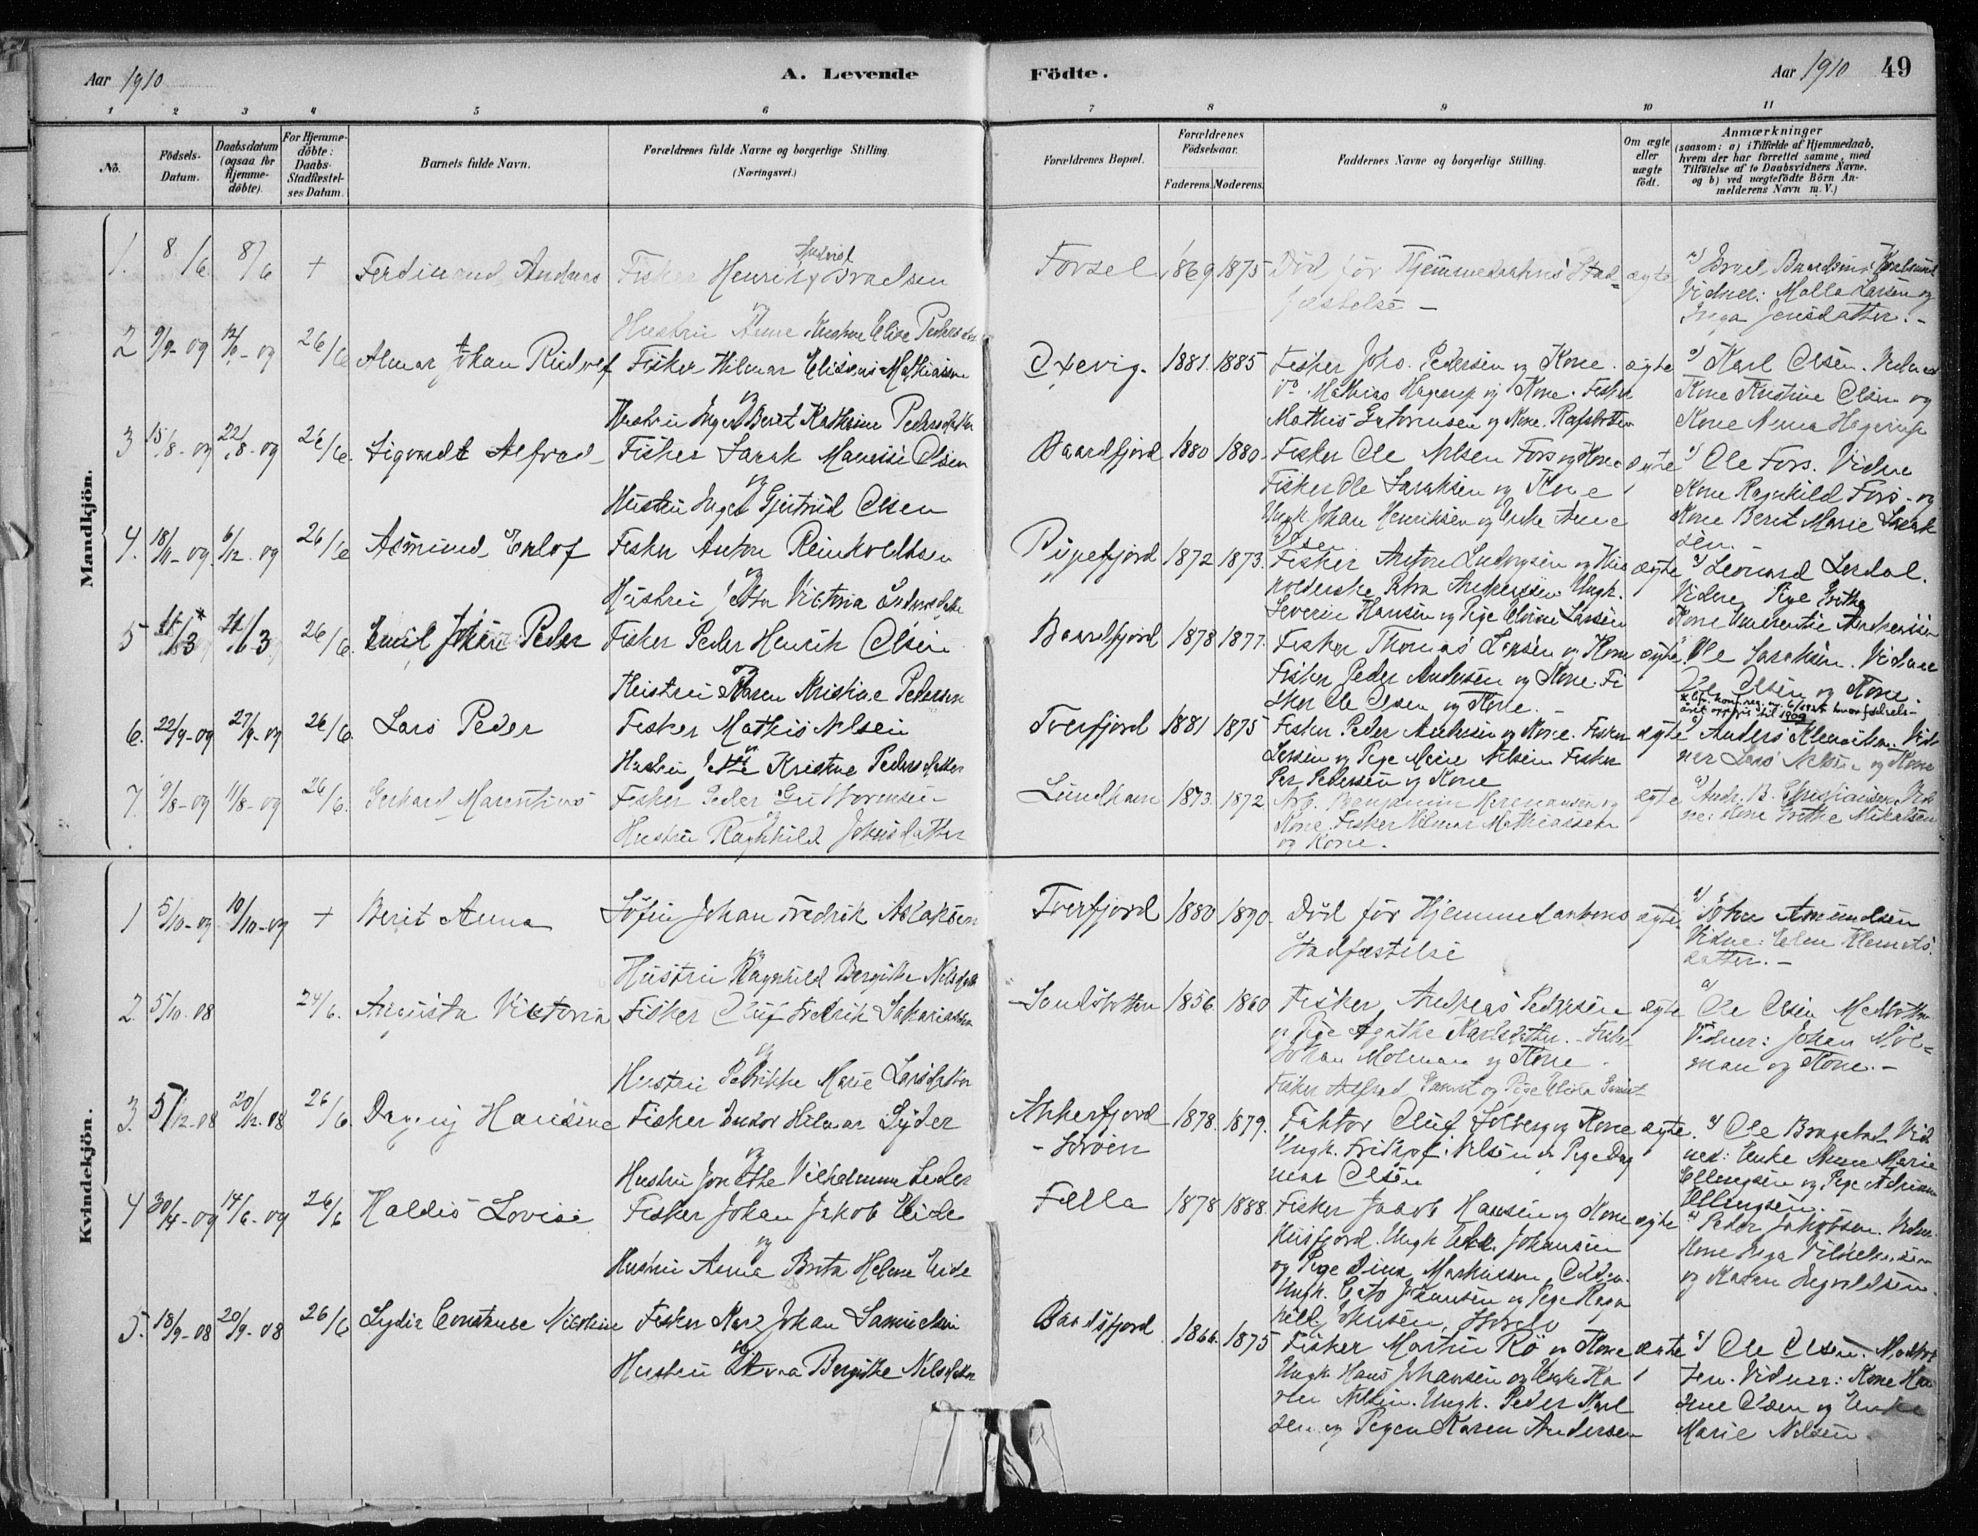 SATØ, Hammerfest sokneprestkontor, H/Ha/L0013.kirke: Ministerialbok nr. 13, 1898-1917, s. 49